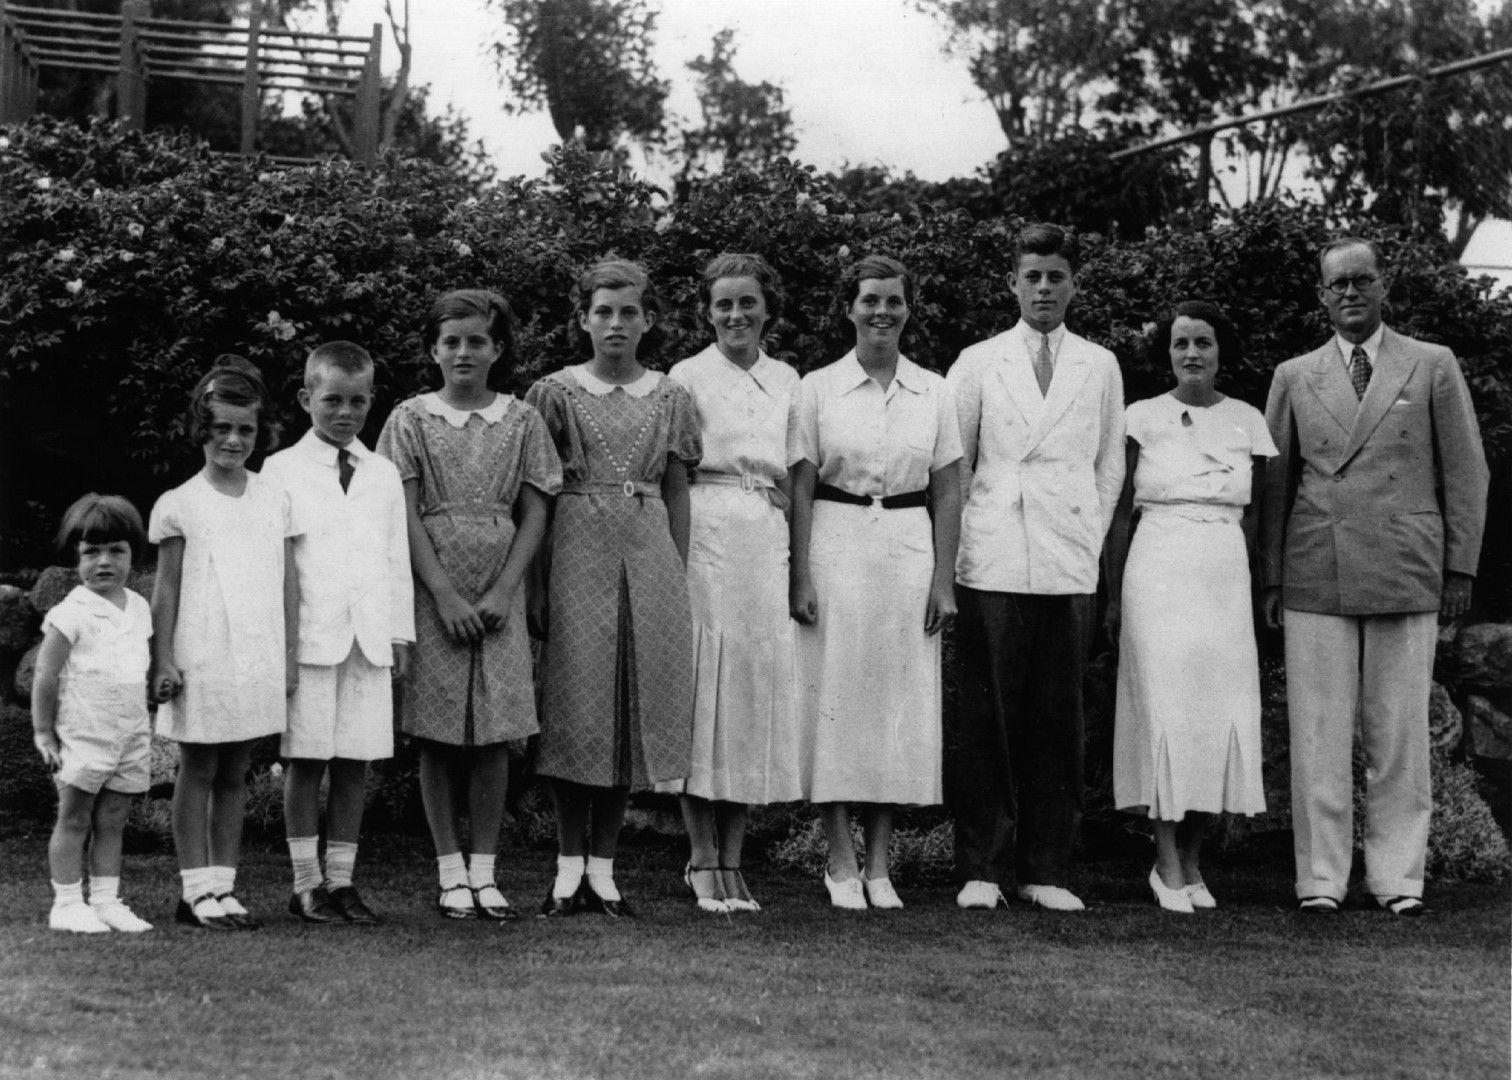 Семейство Кенеди през 1937 година в Лондон